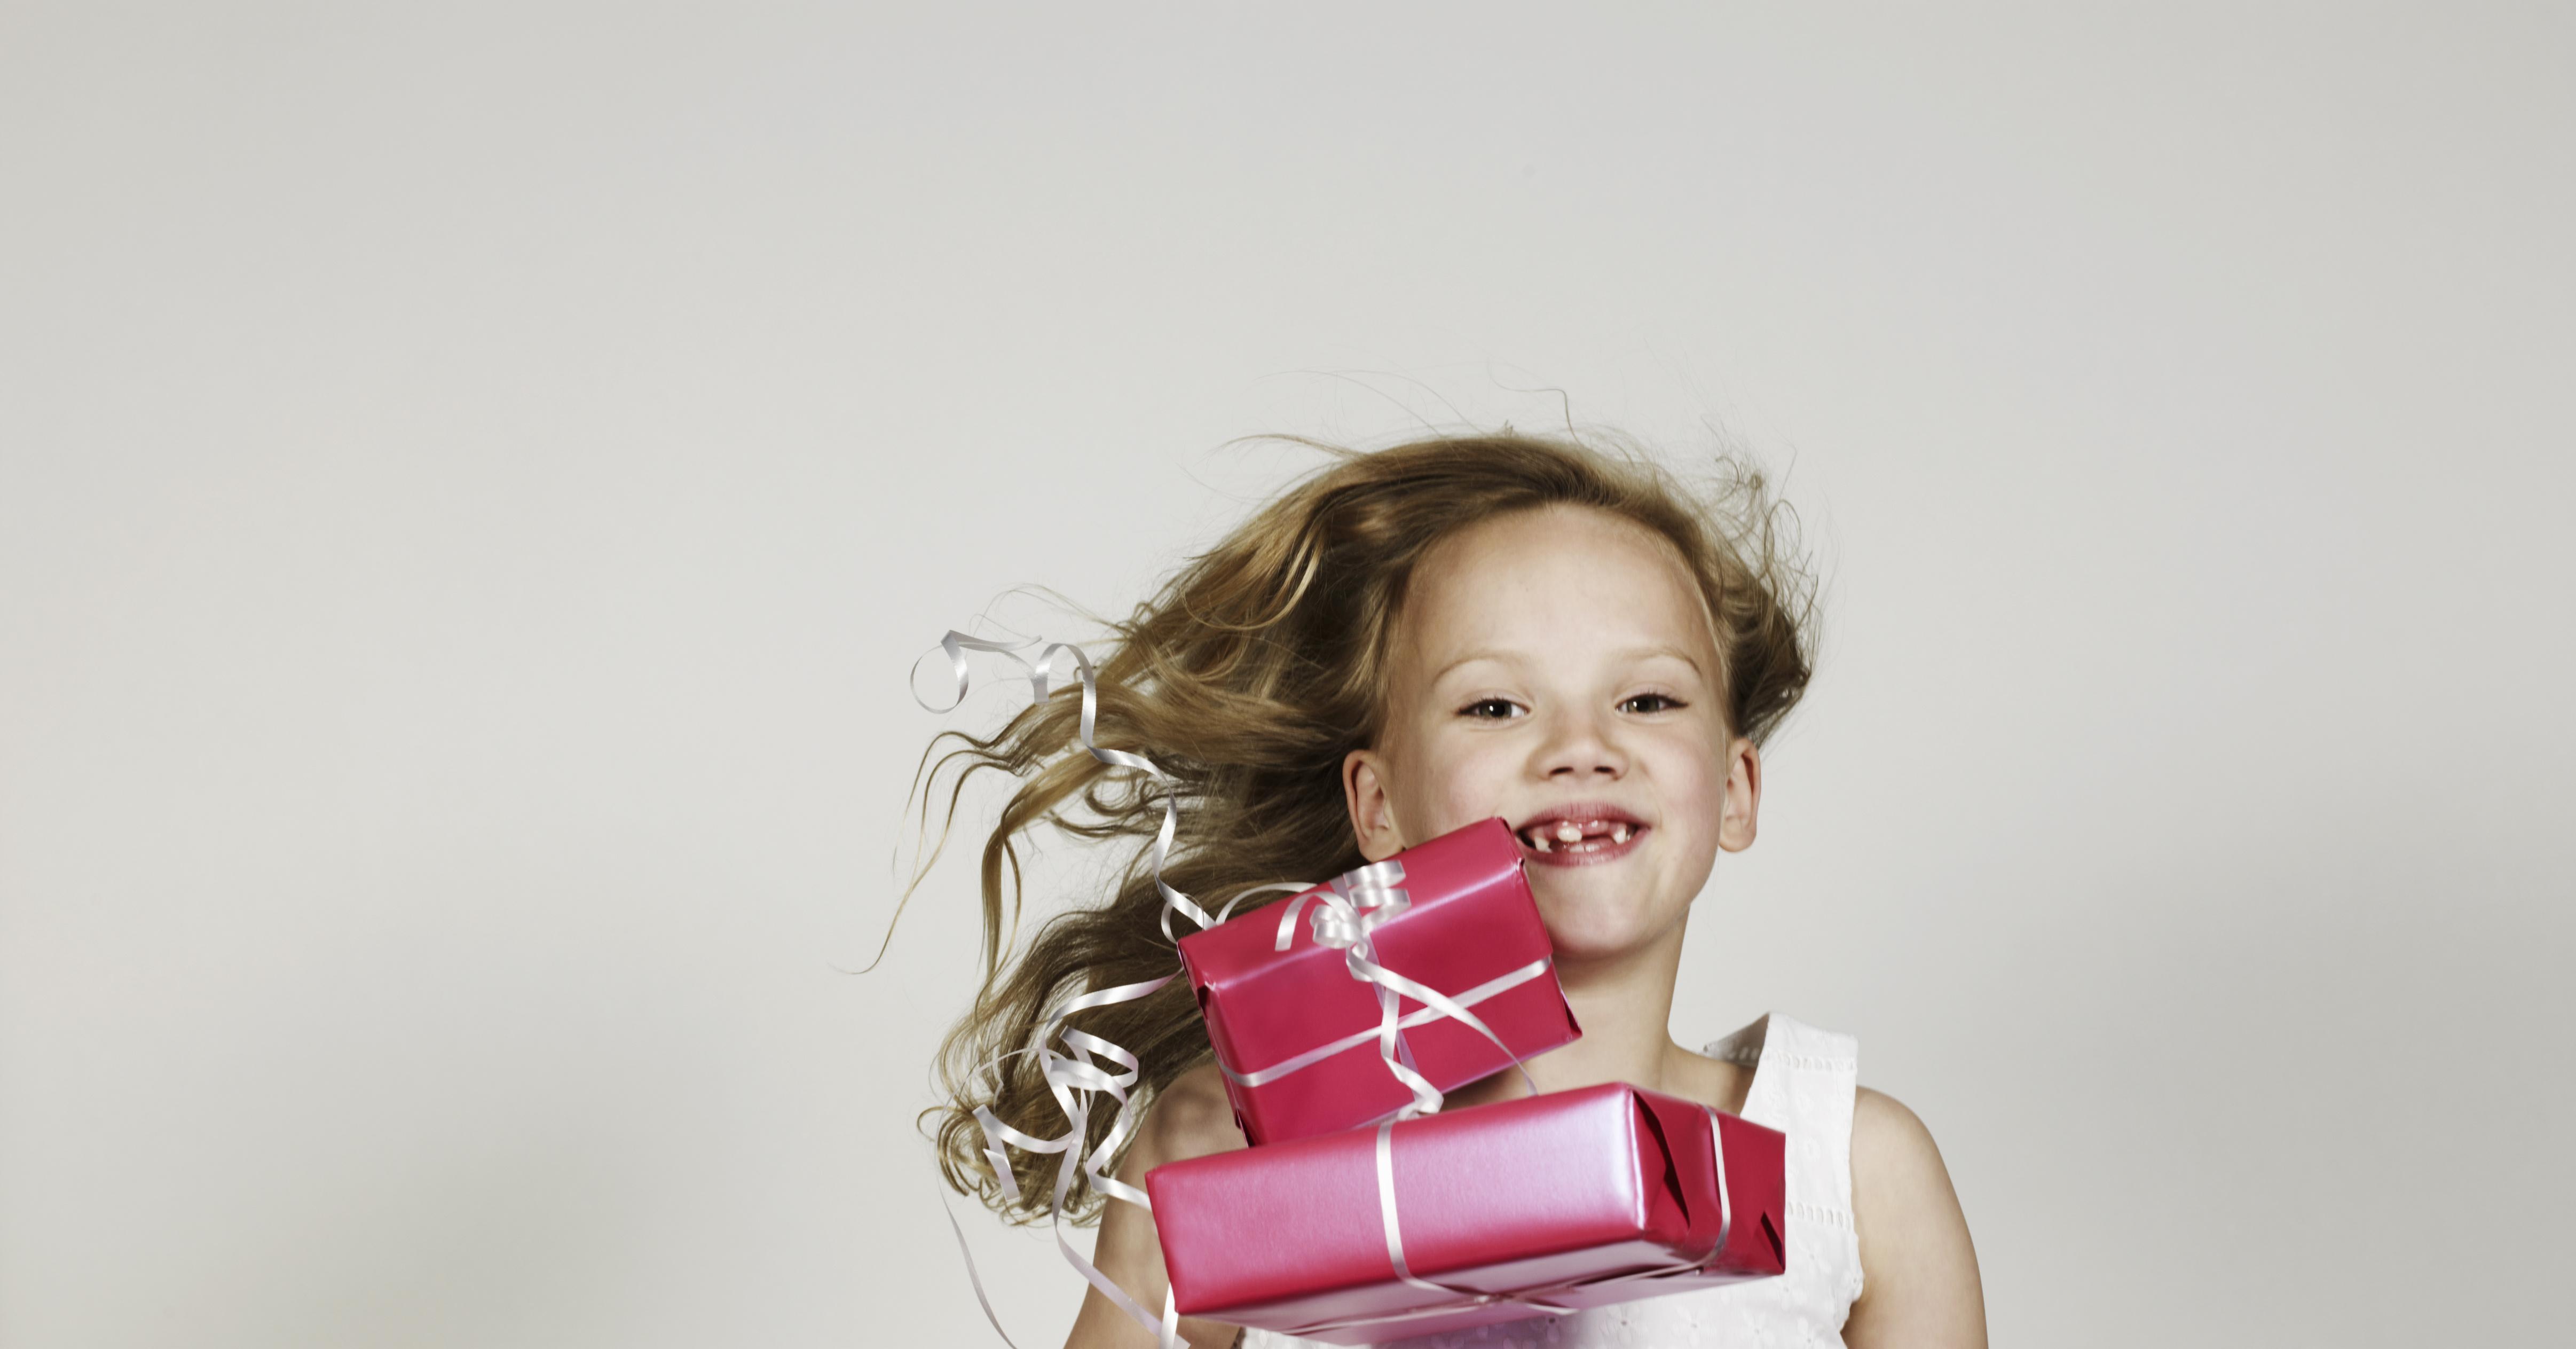 Что подарить на рождение девочки: дочери, дочки, внучки? 72